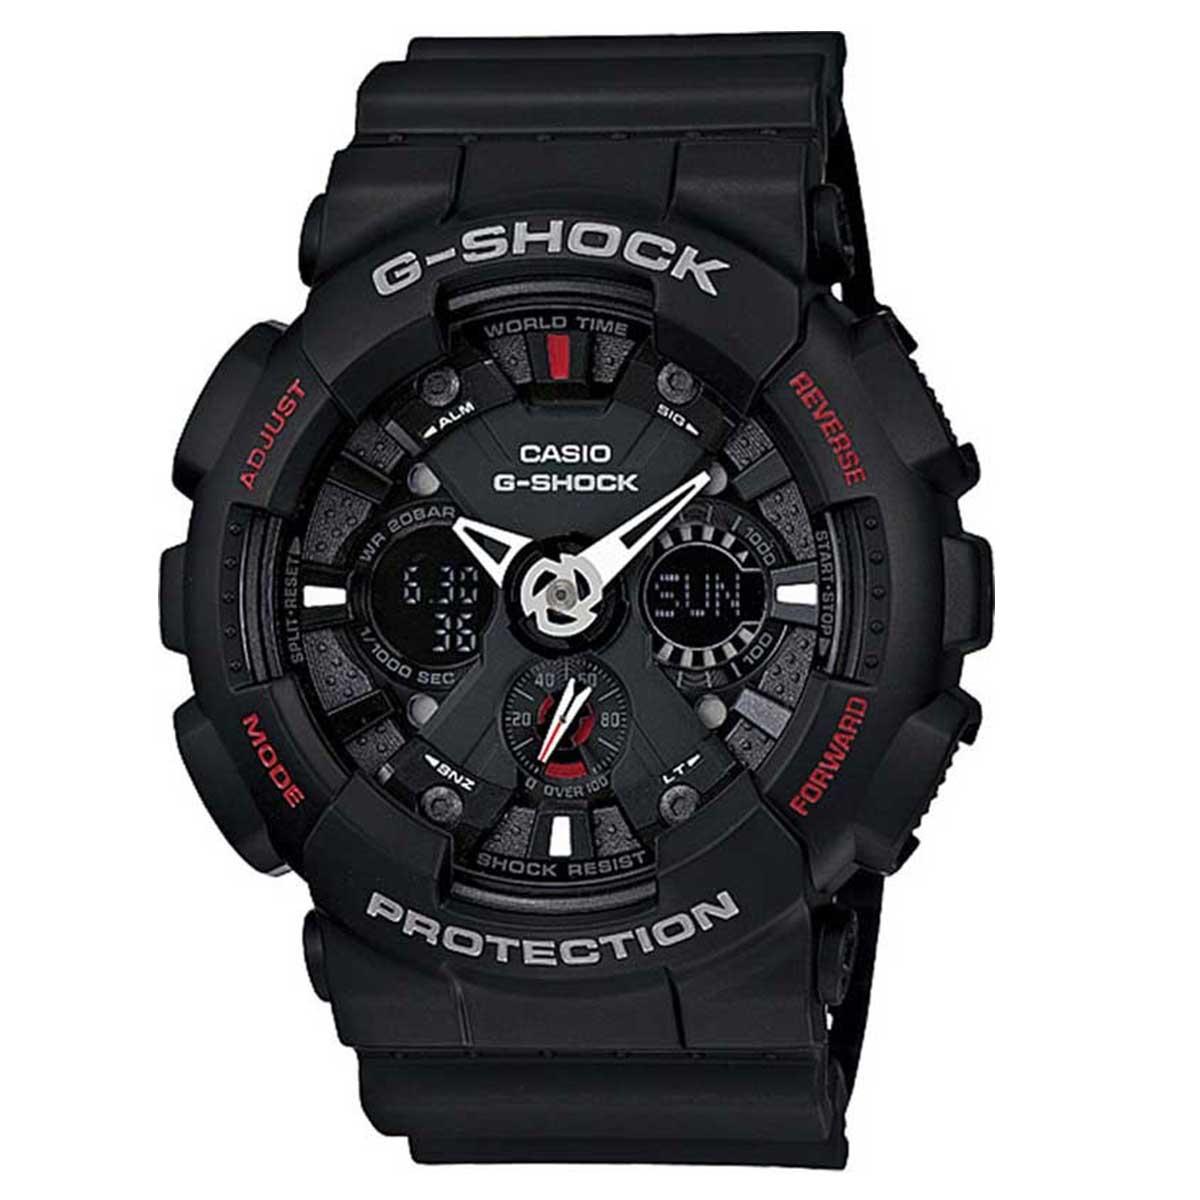 Relógio de Pulso Casio Masculino G-Shock GA-120-1ADR - Preto